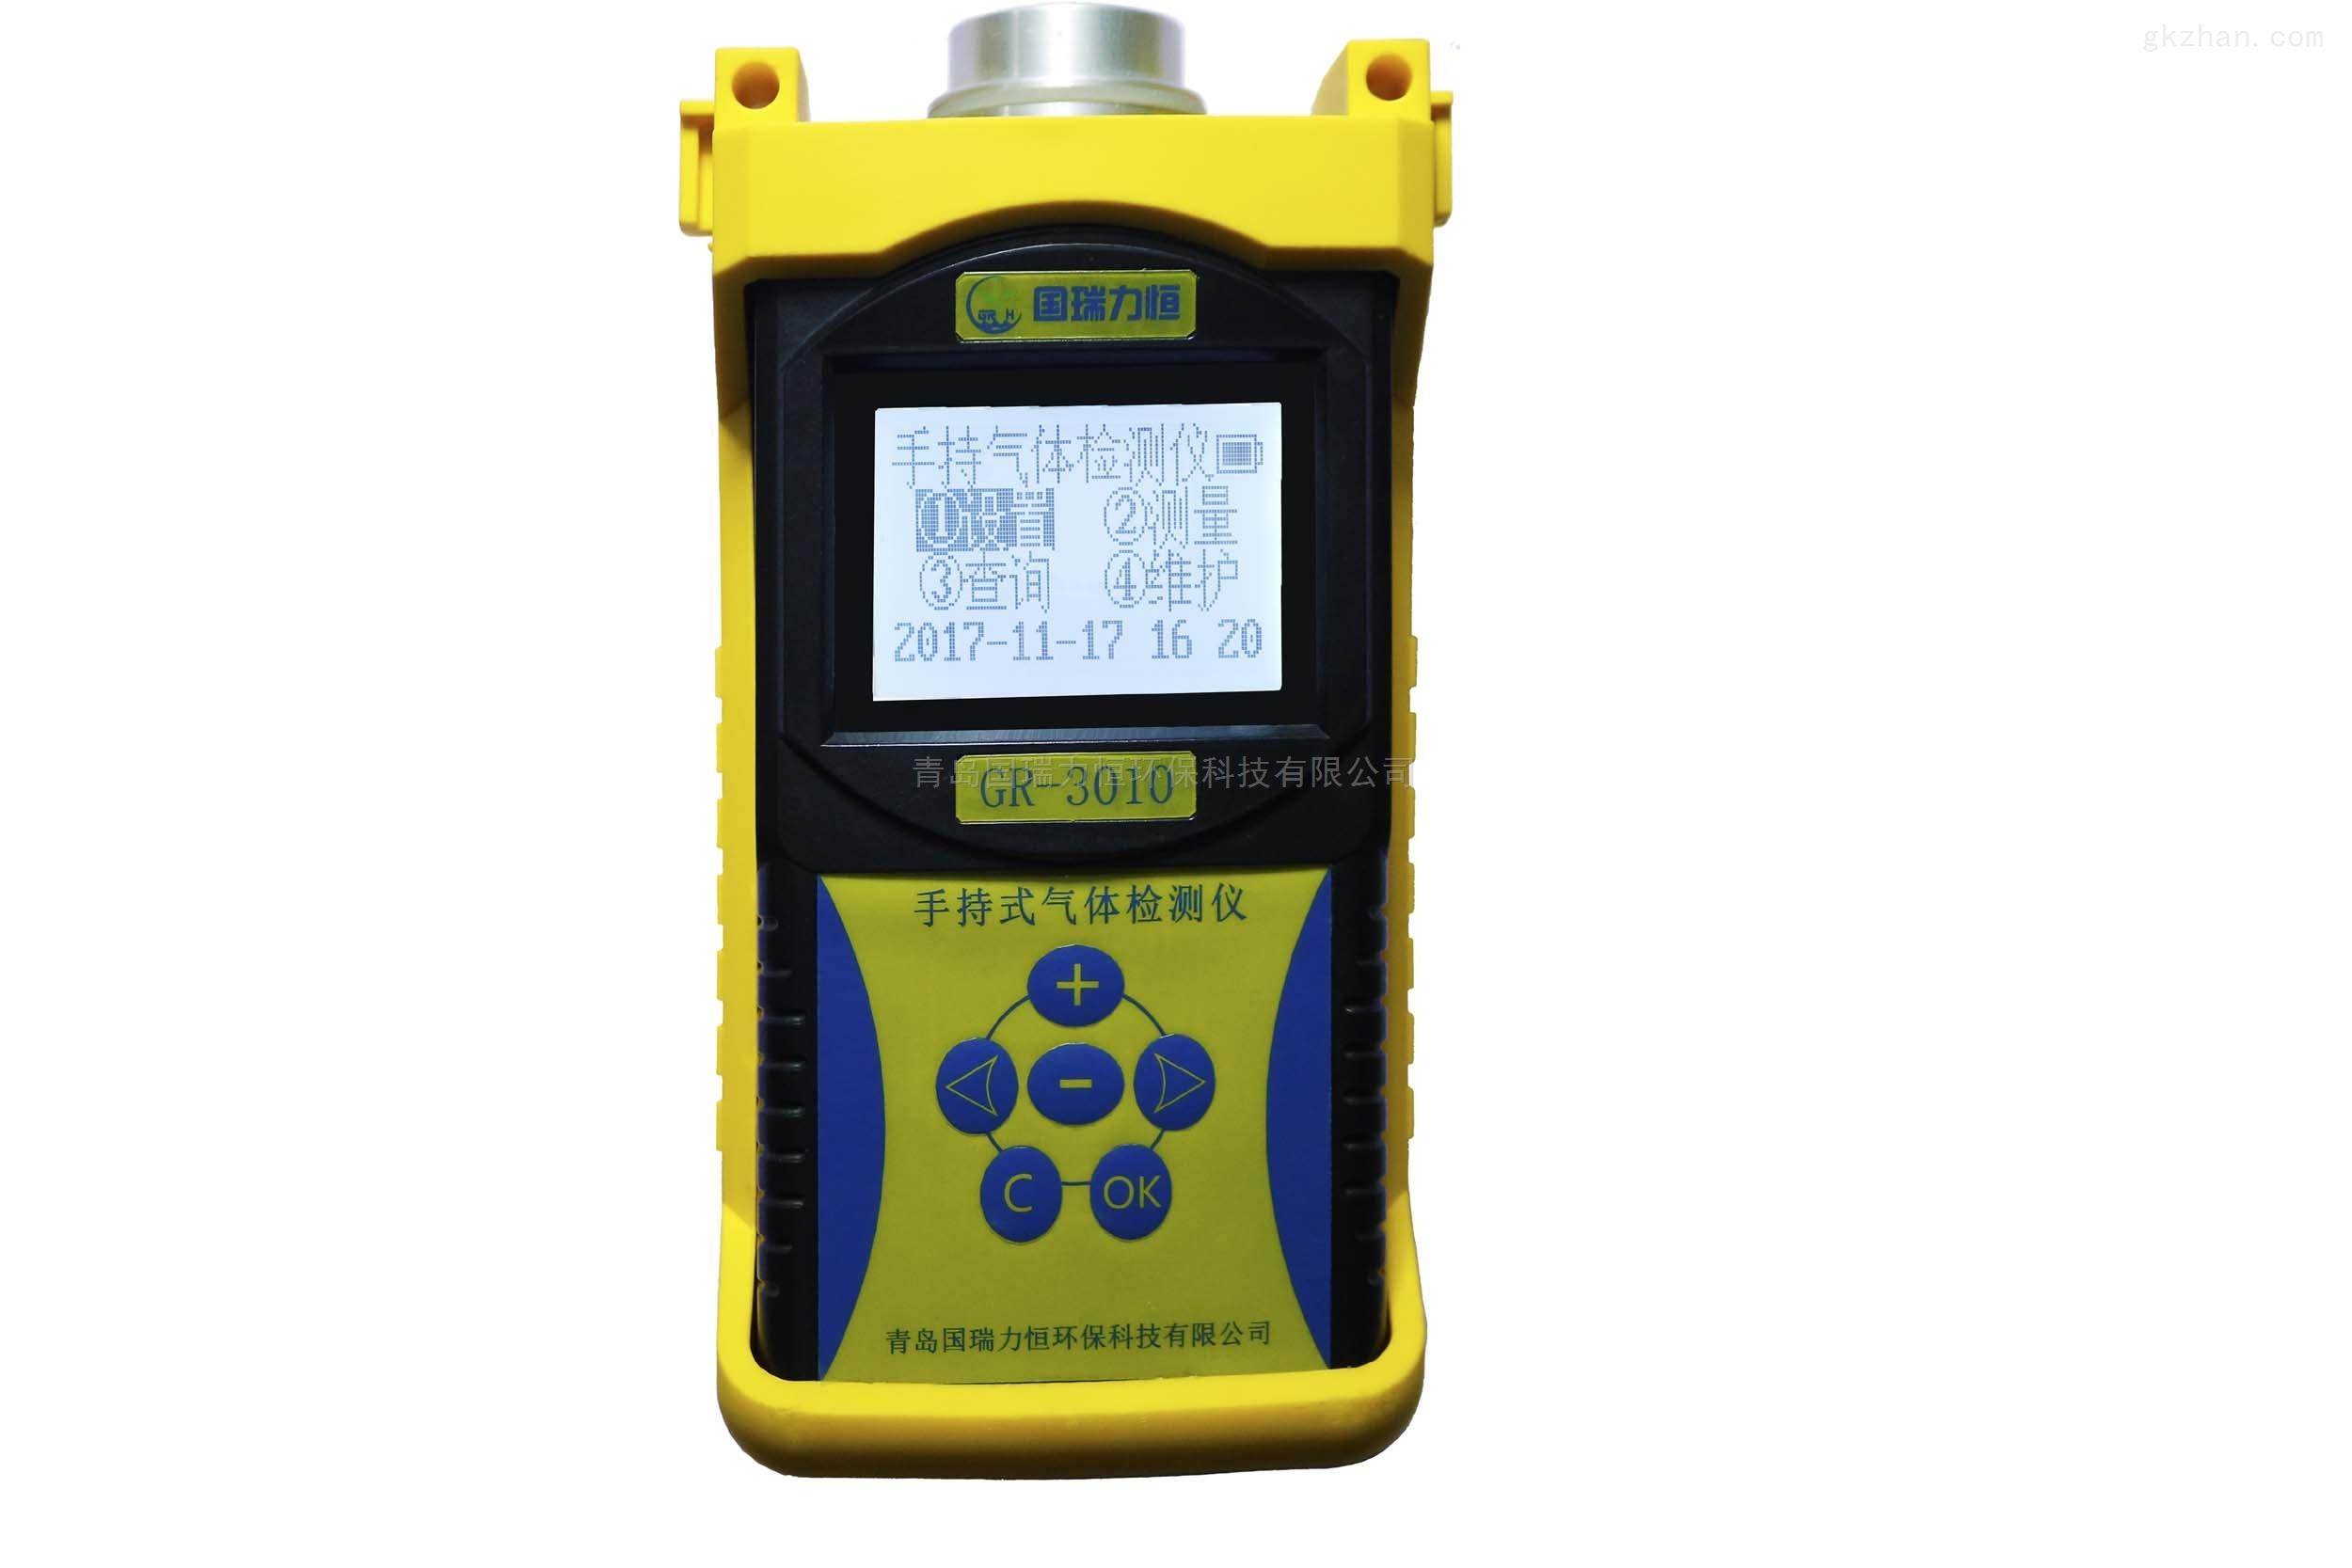 手持式气体检测仪(应急监测)